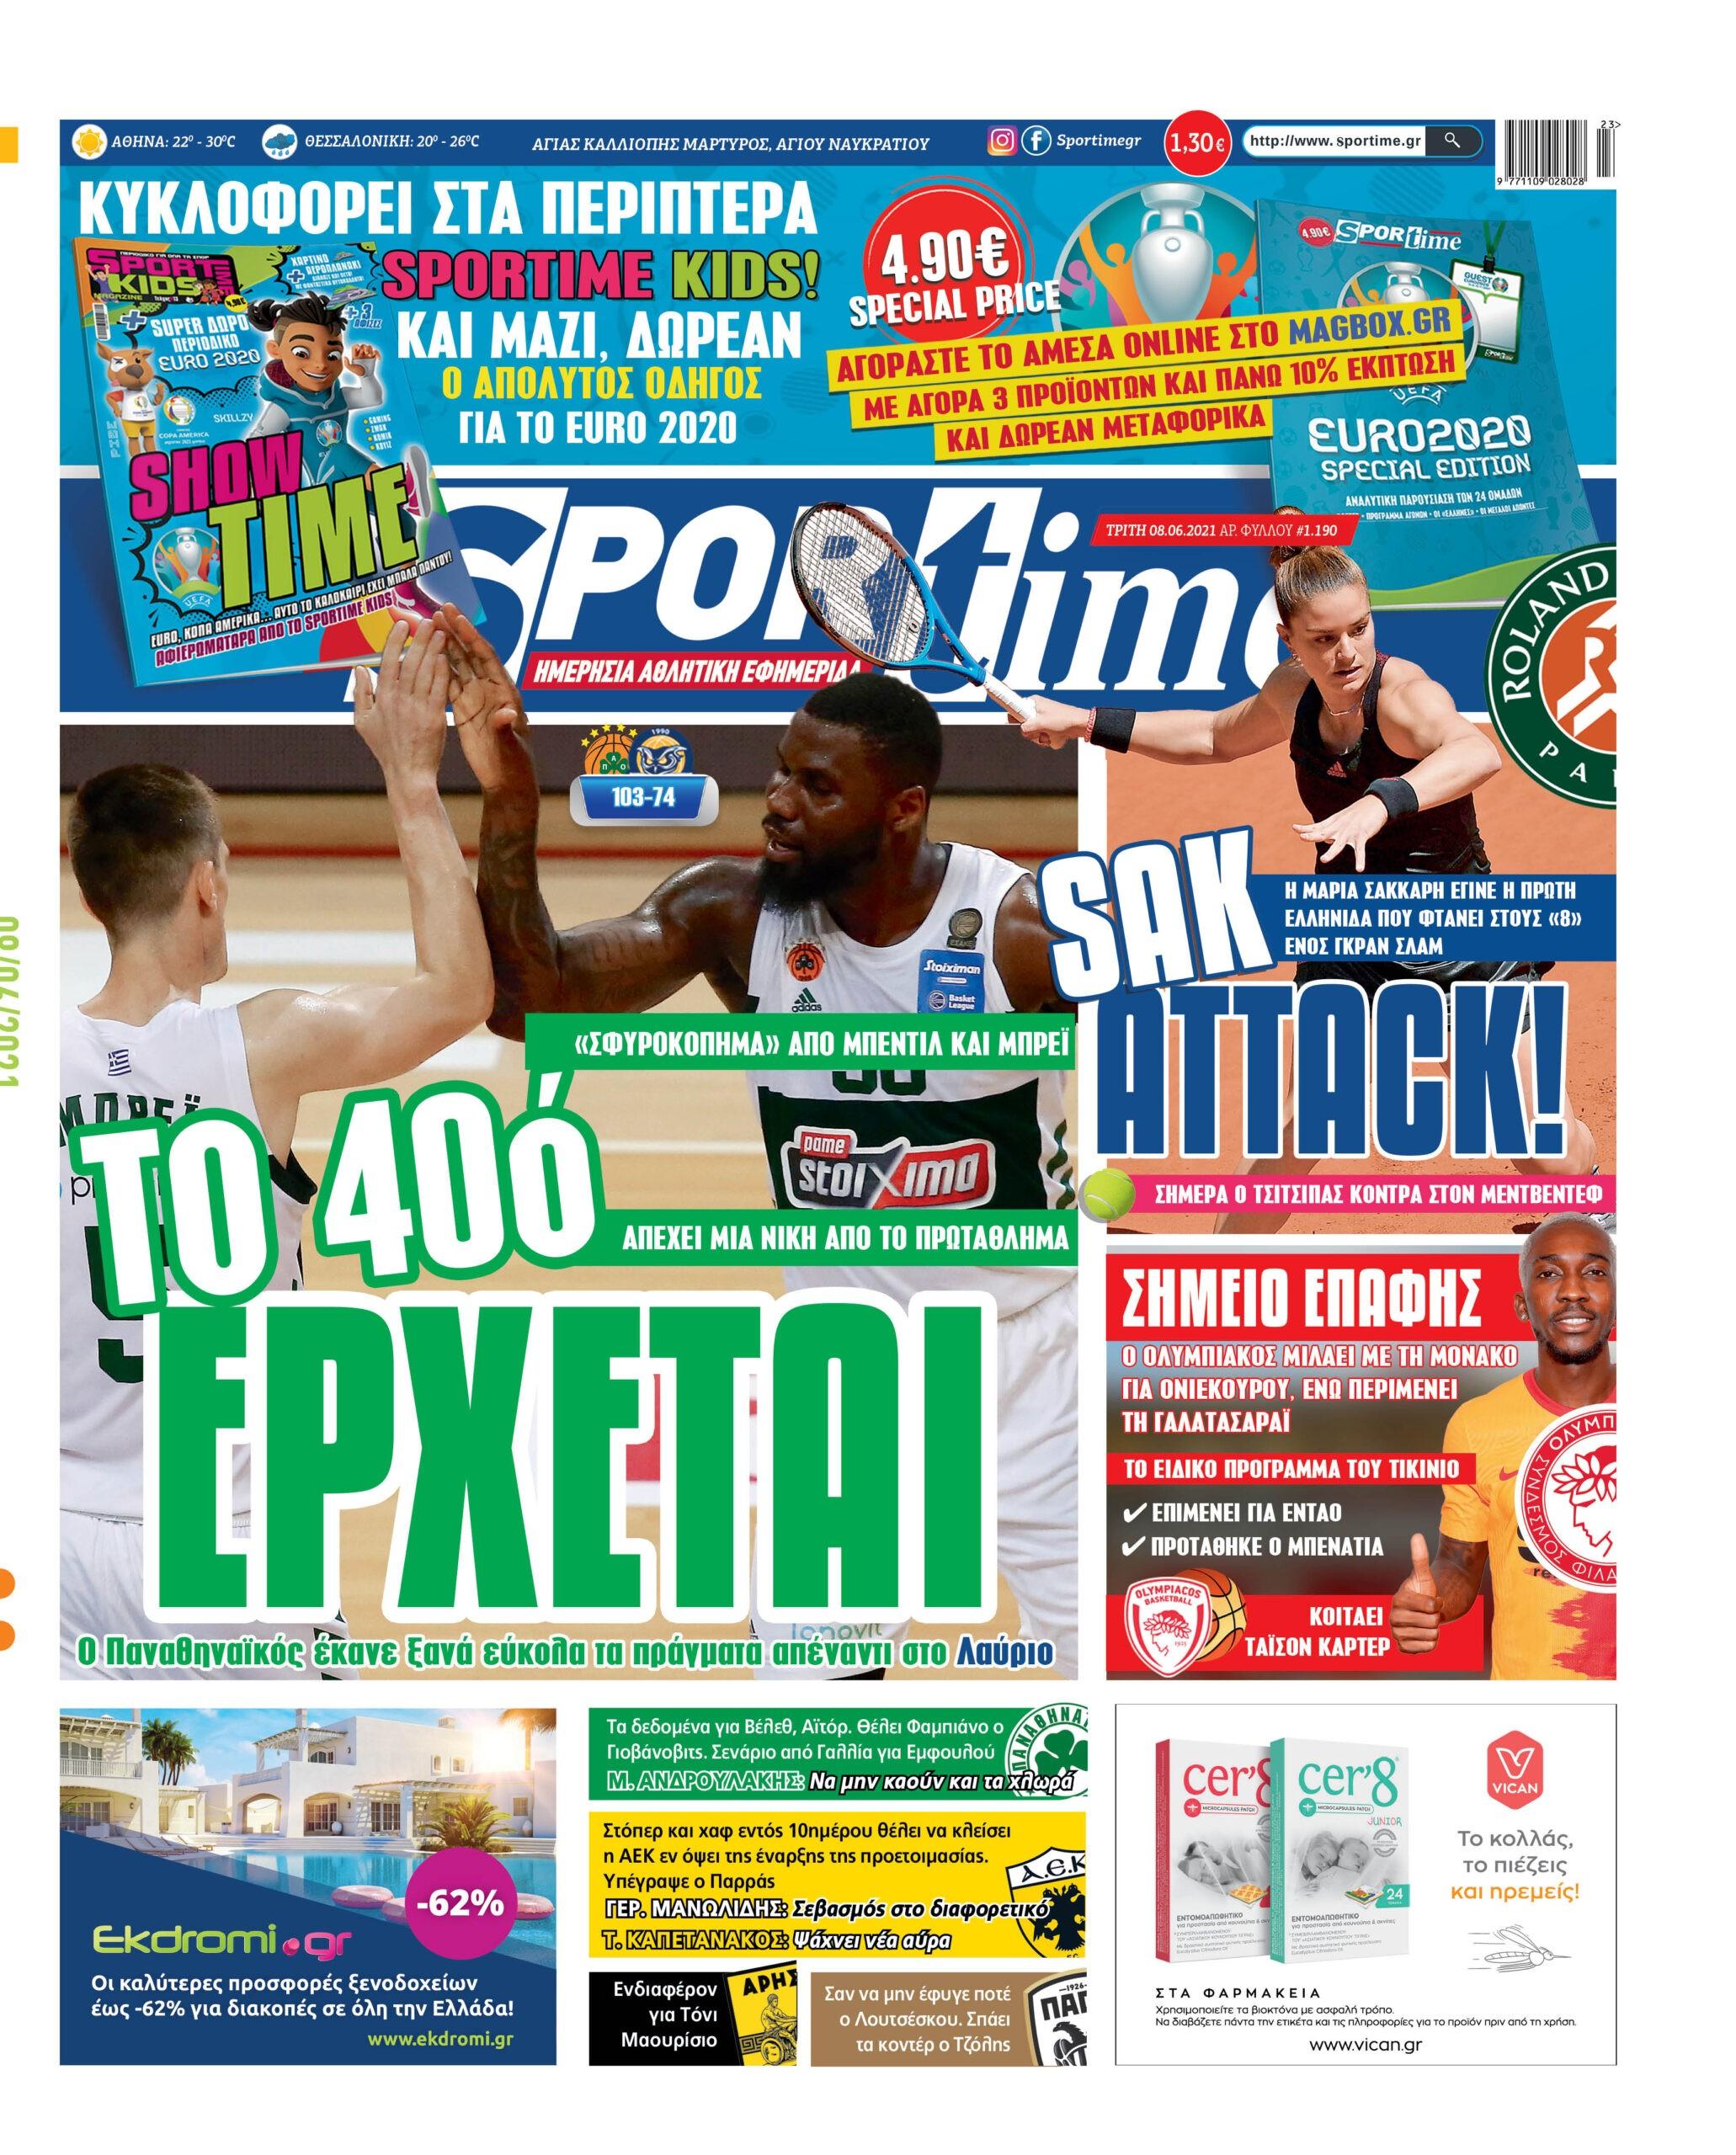 Εφημερίδα SPORTIME - Εξώφυλλο φύλλου 8/6/2021